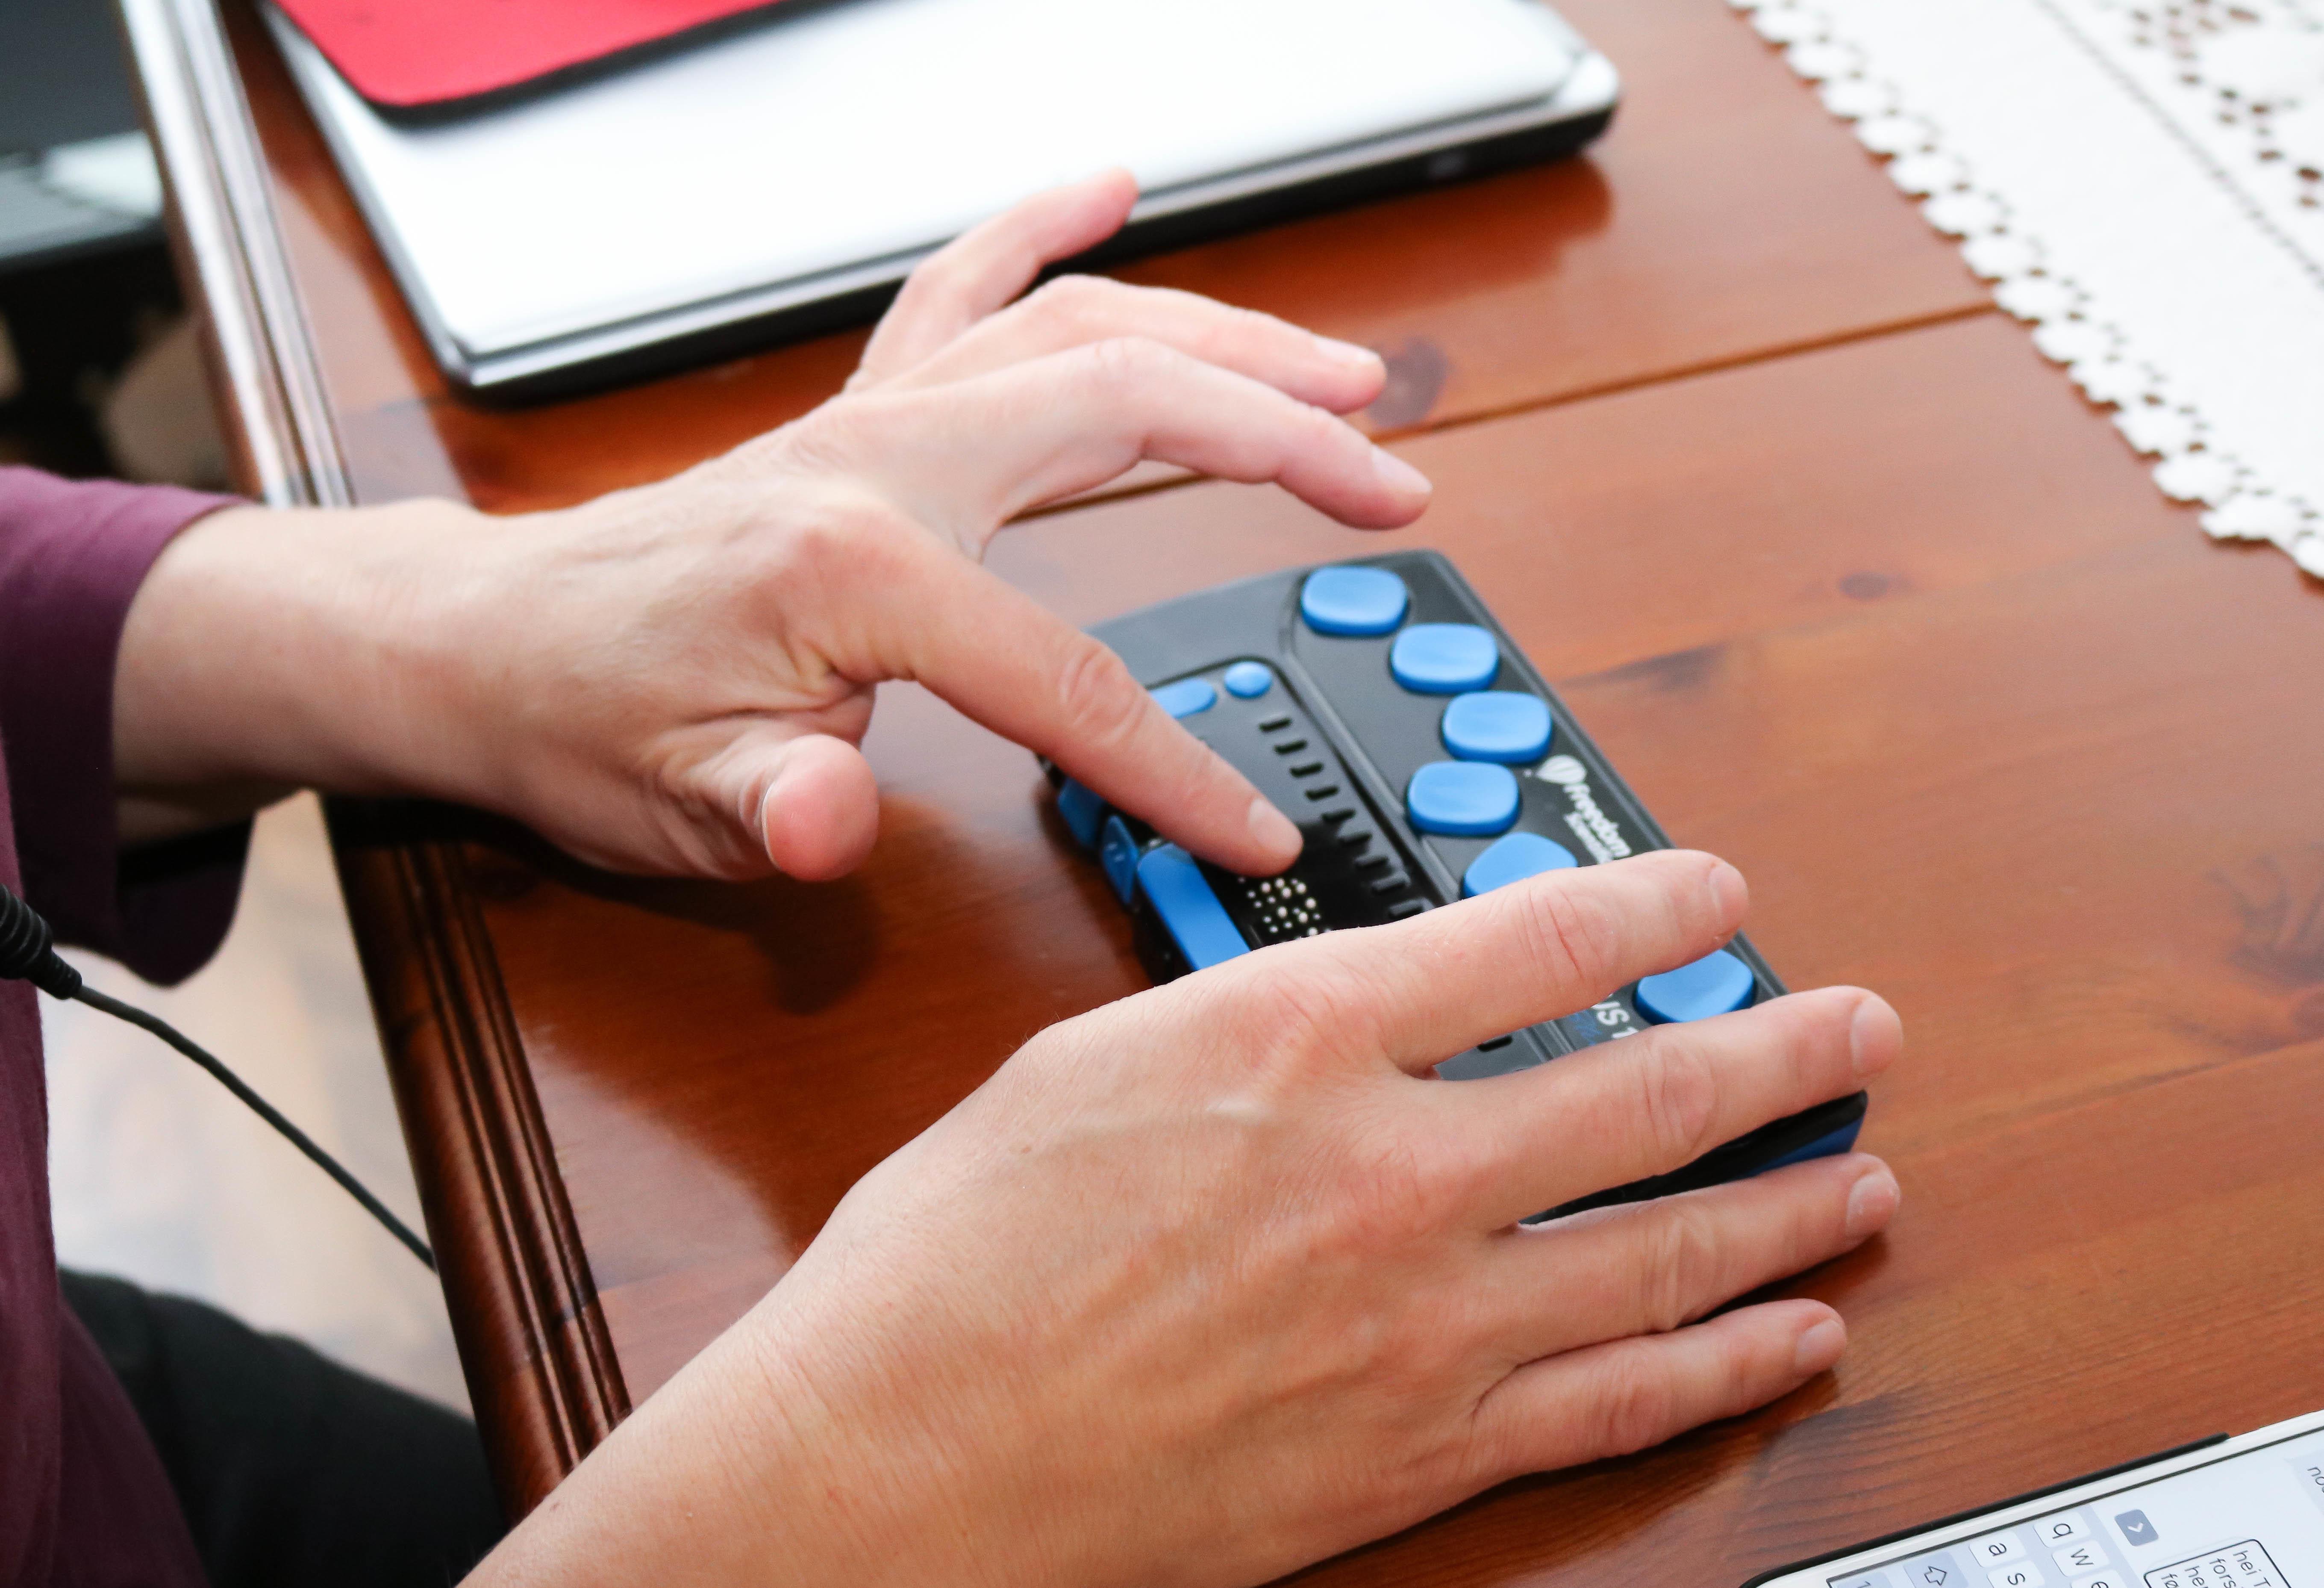 Hender som taster på en leselist med blå knapper.